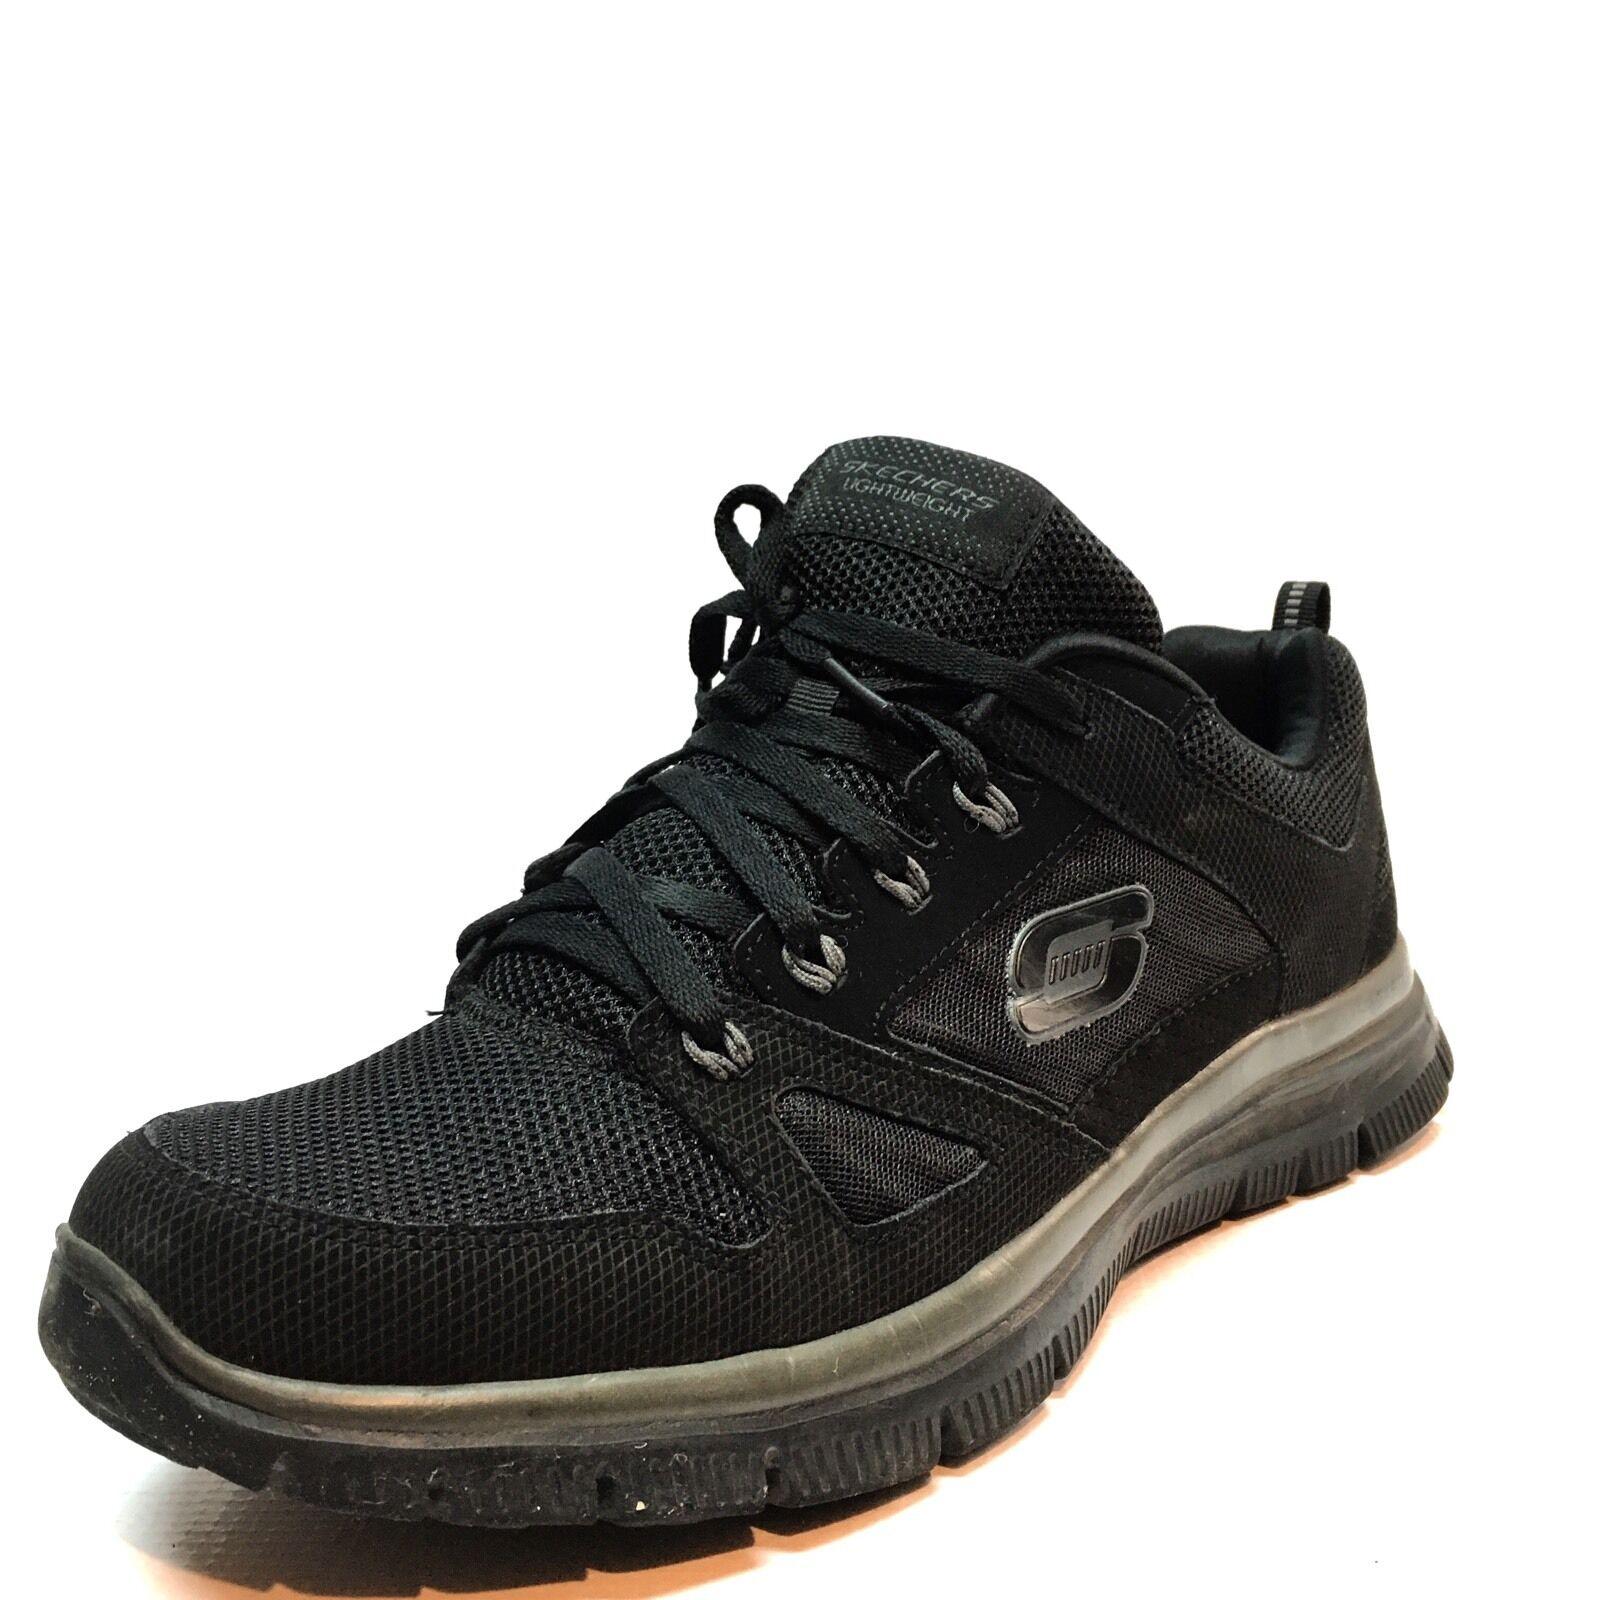 skechers skechers skechers flex vantaggio black atletico scarpe taglia 10,5 m uomini 1c7f7e